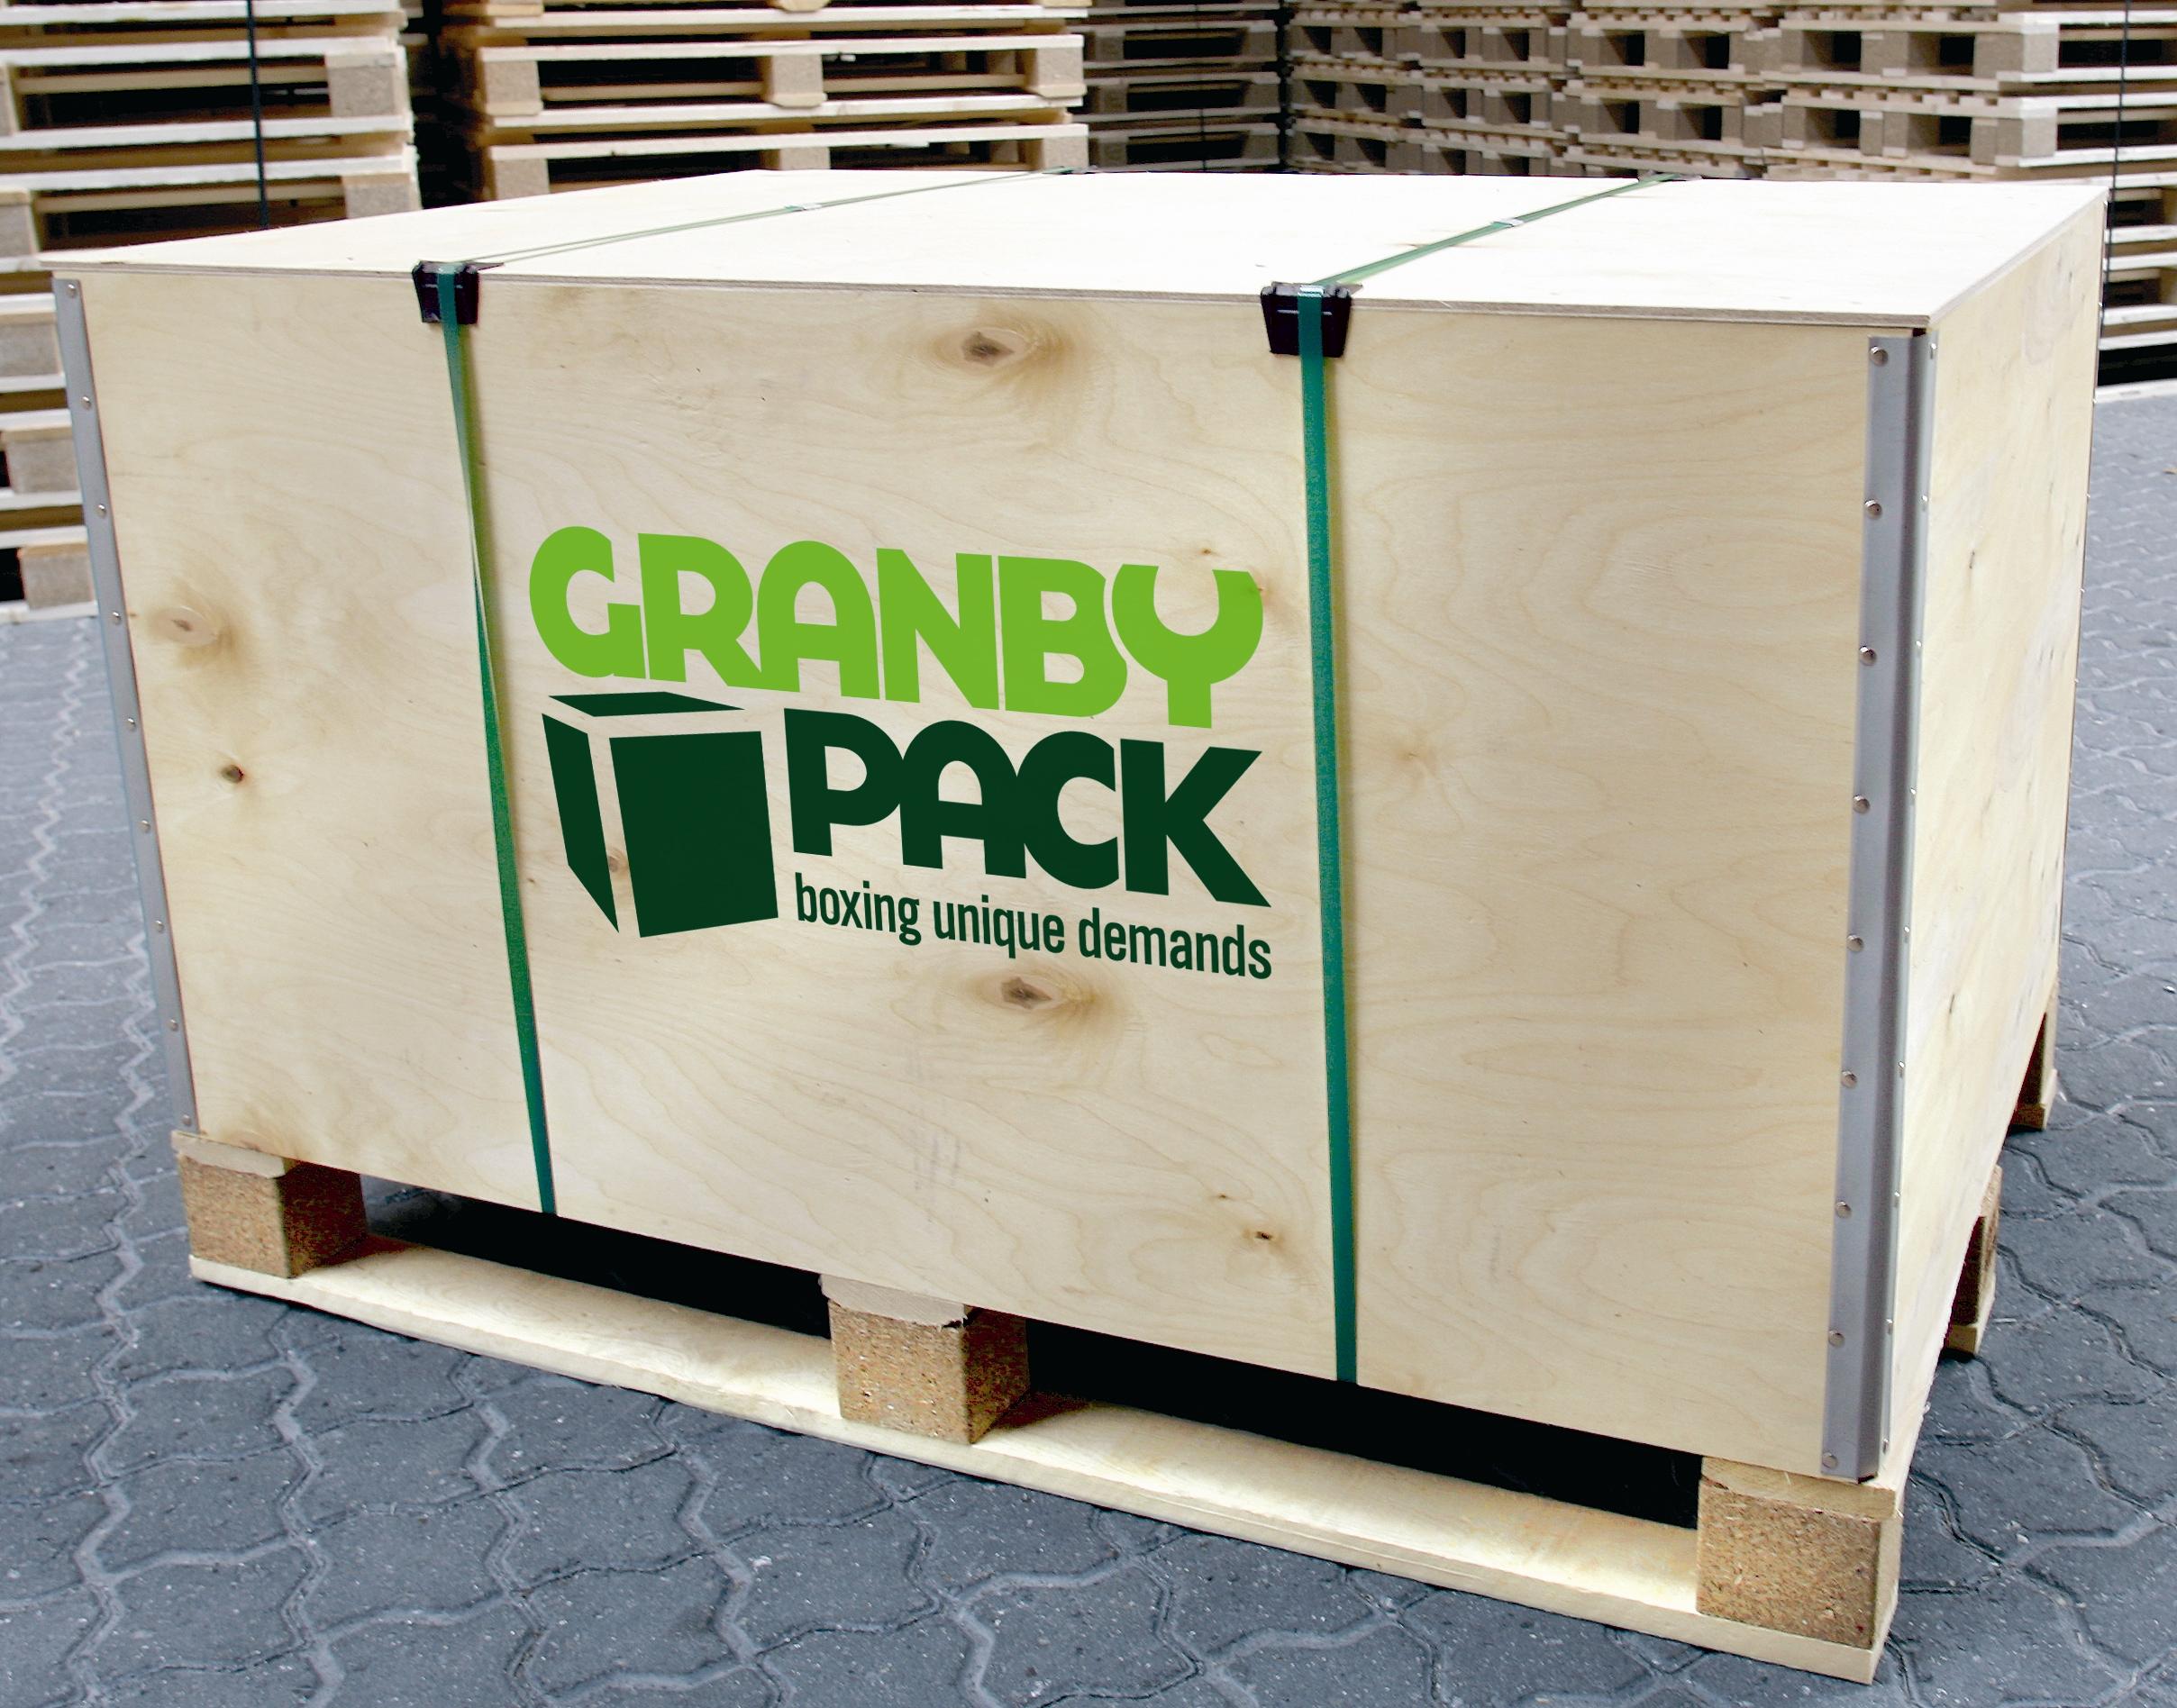 DTSD Verpakkingen Dordrecht levert de Granby Box van Granby Pack